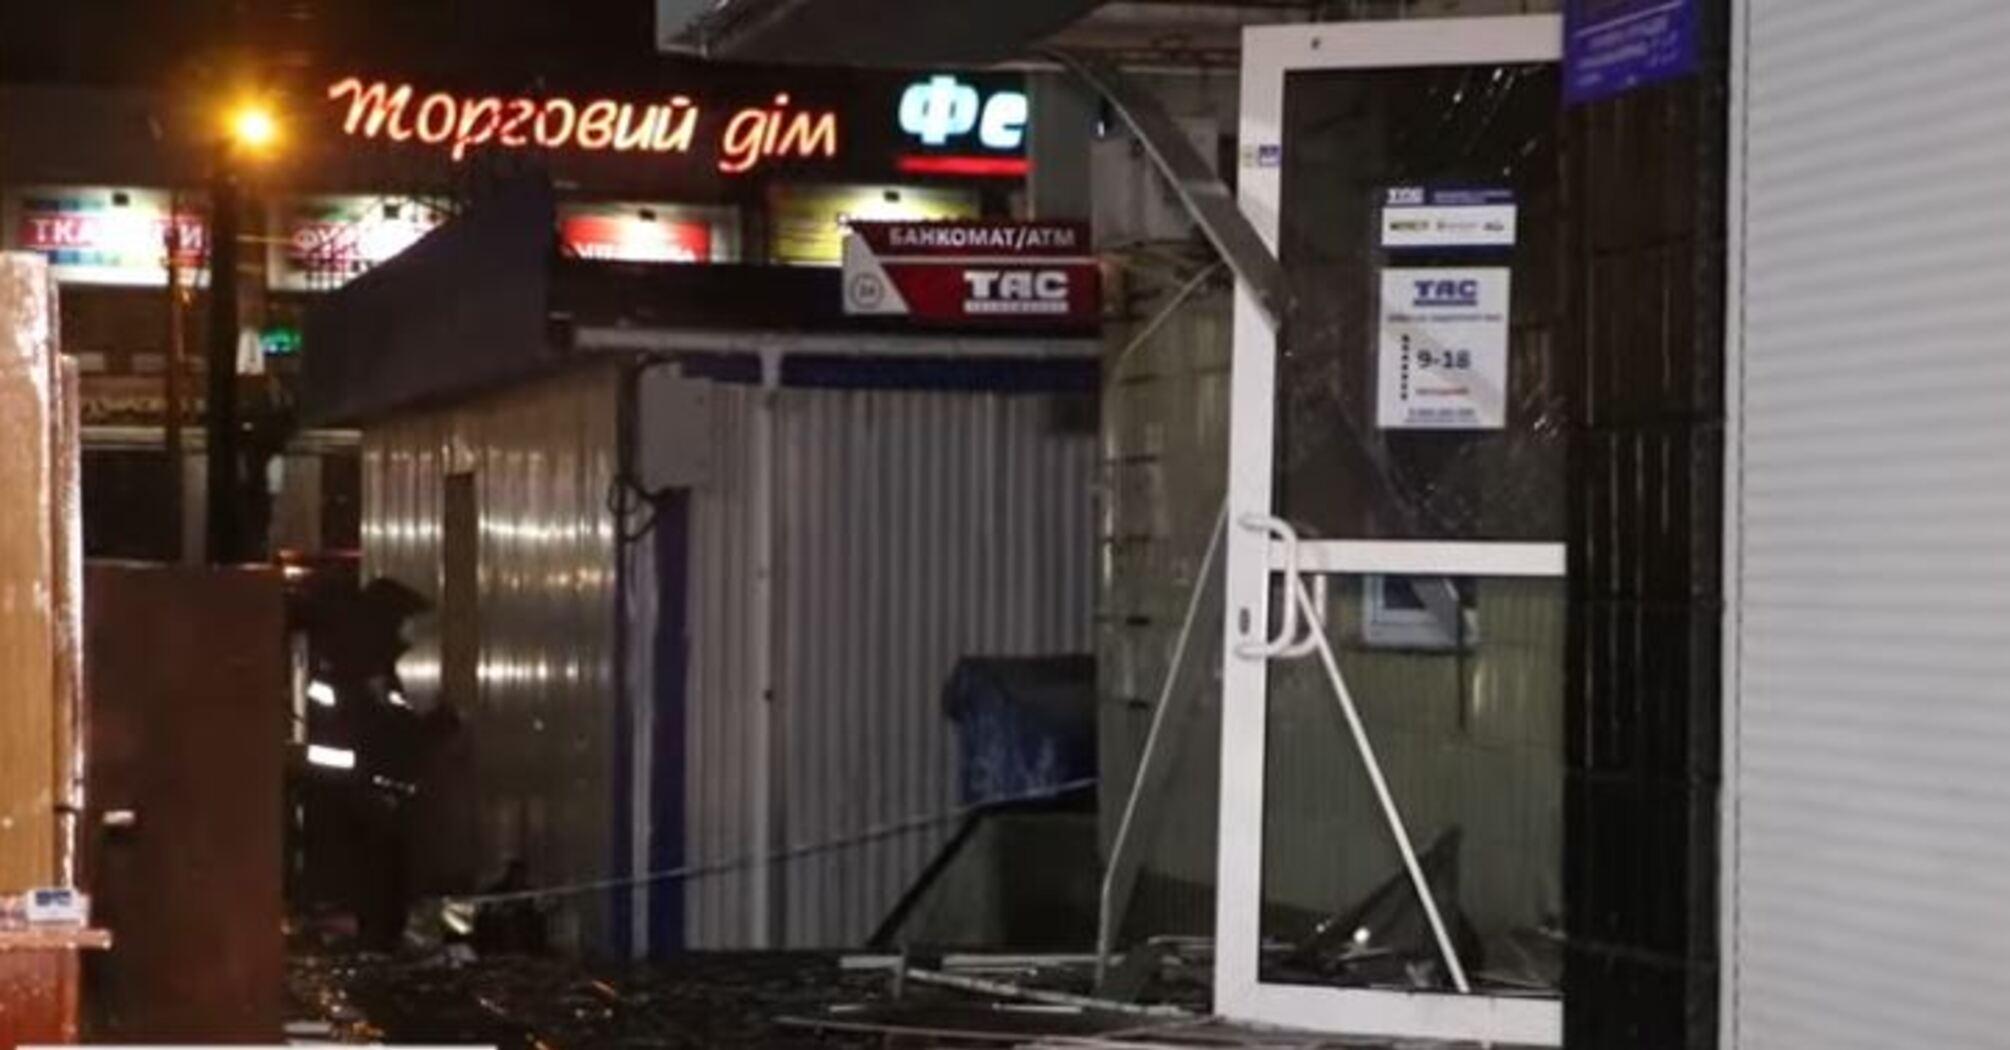 В Деснянском районе Киева злоумышленники устроили взрыв: что случилось